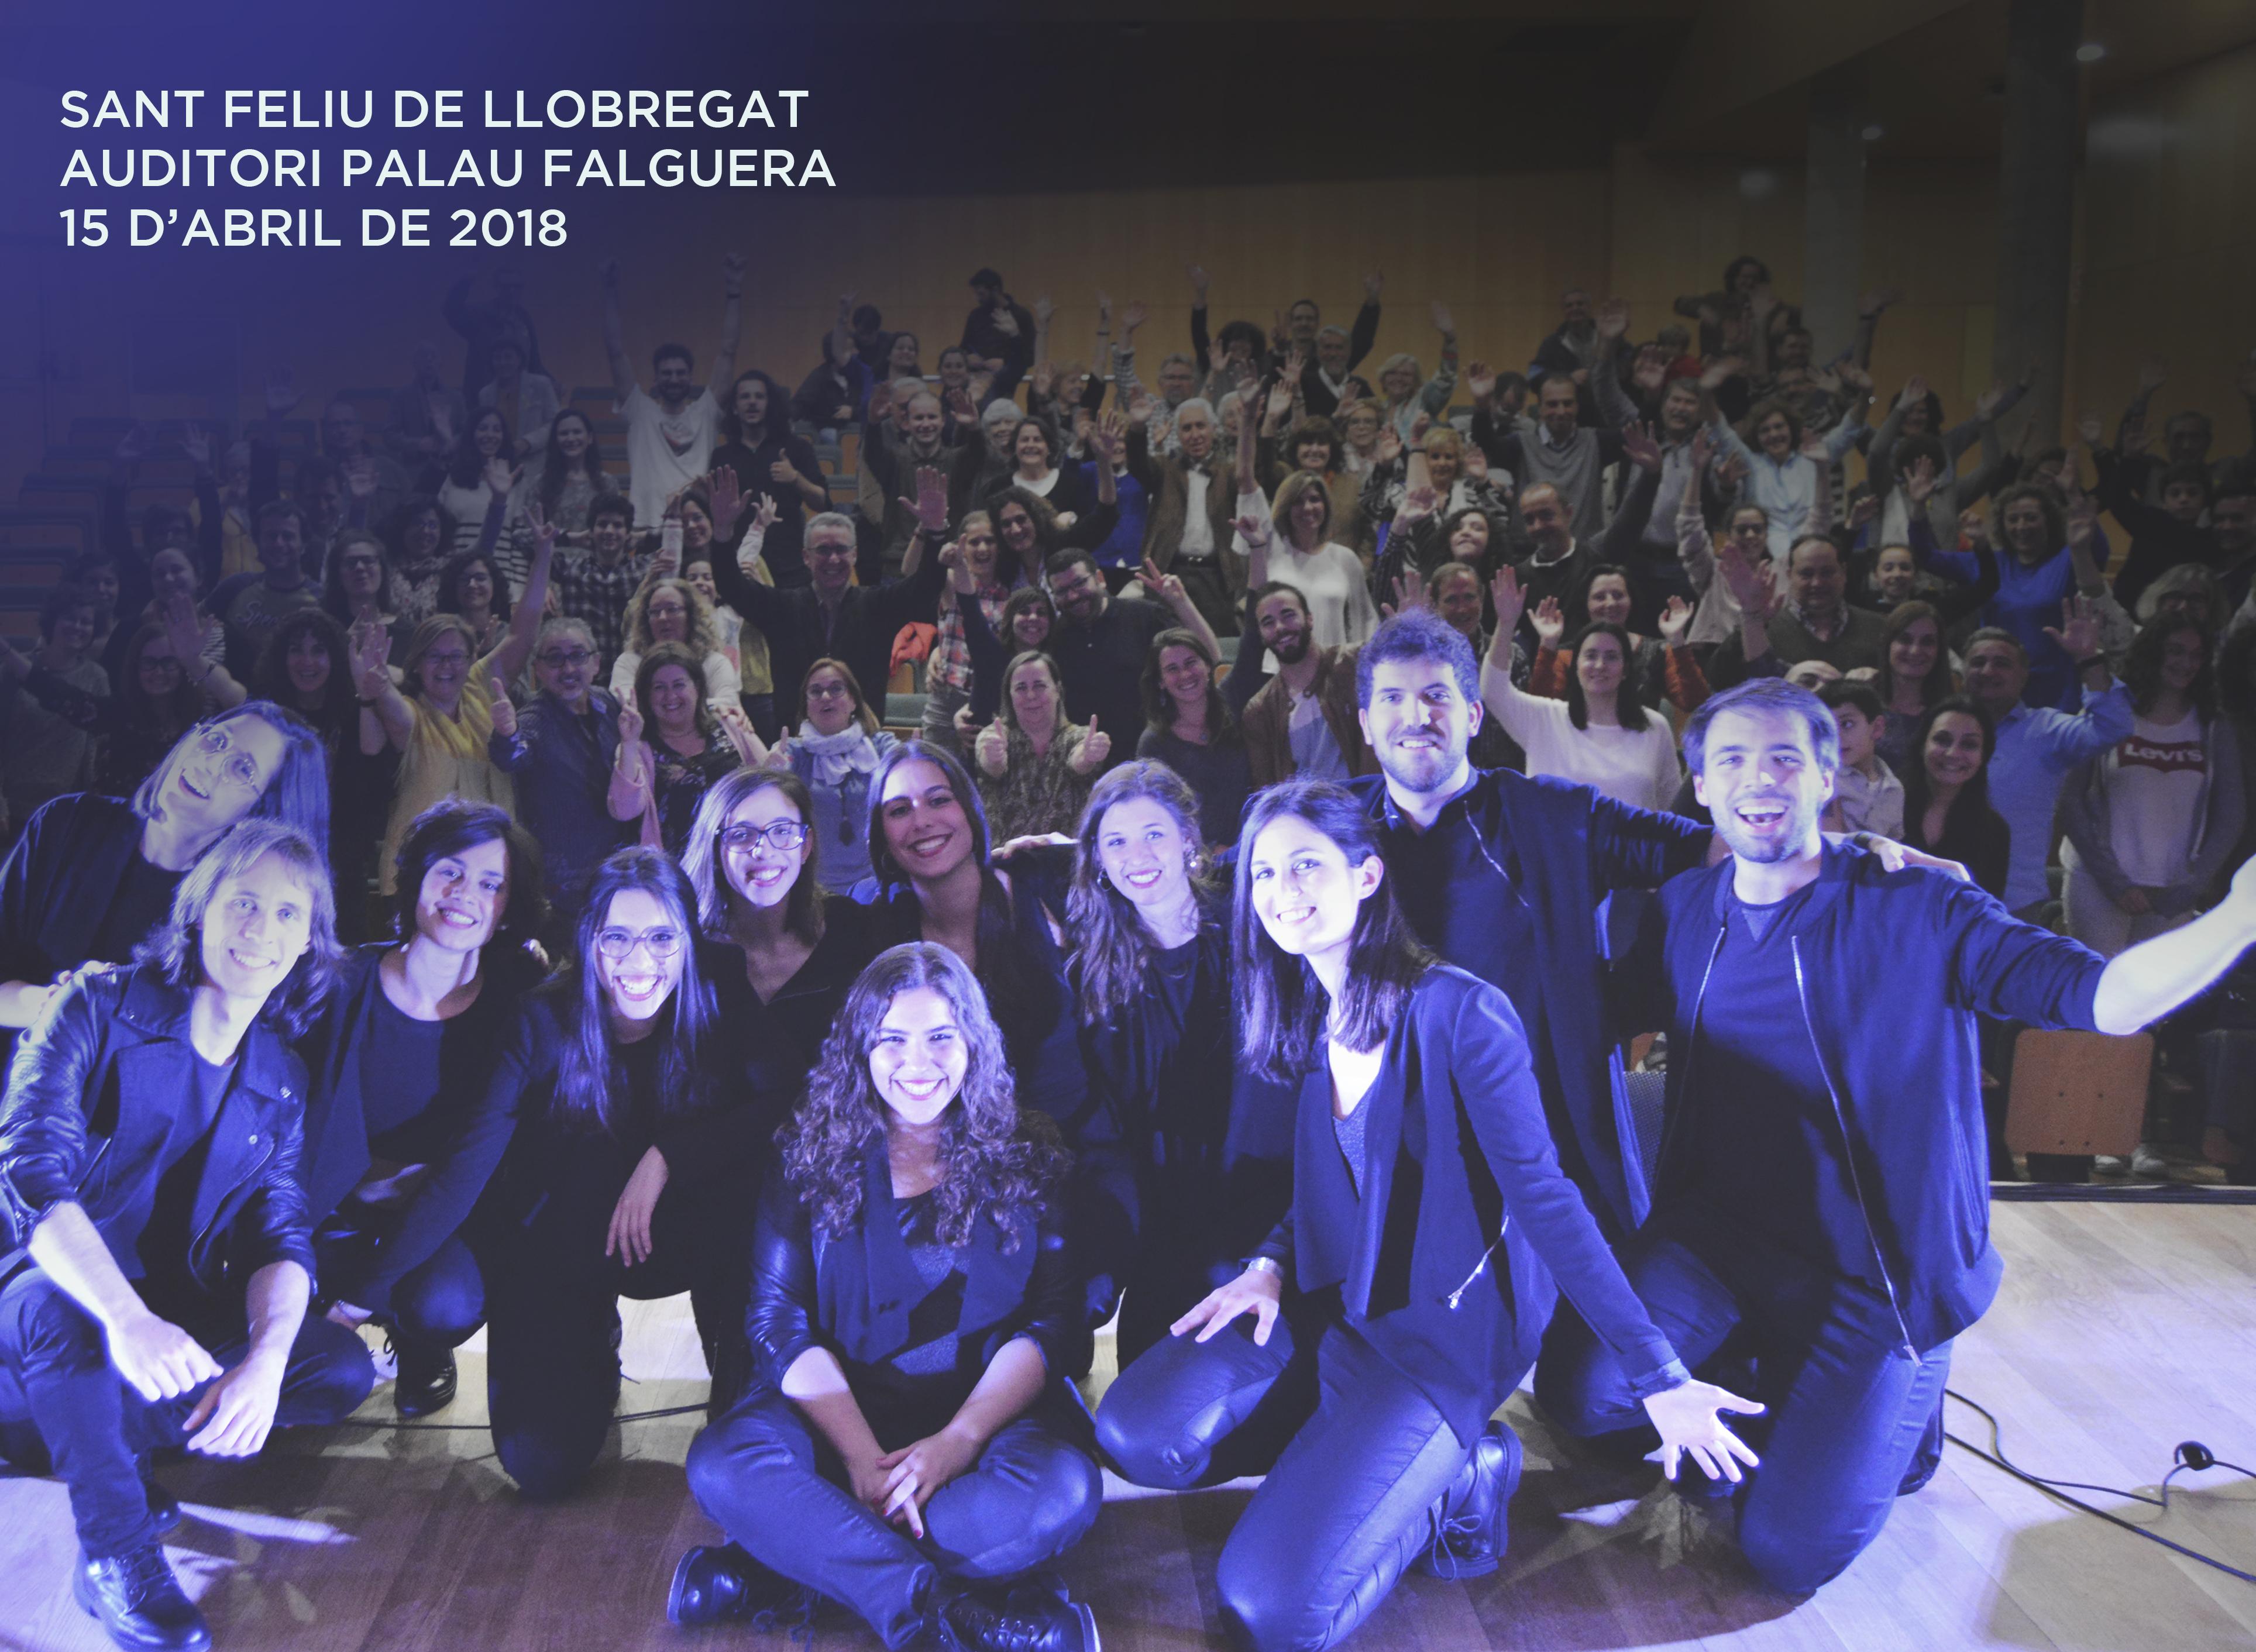 15/04/18 Sant Feliu de Llobregat